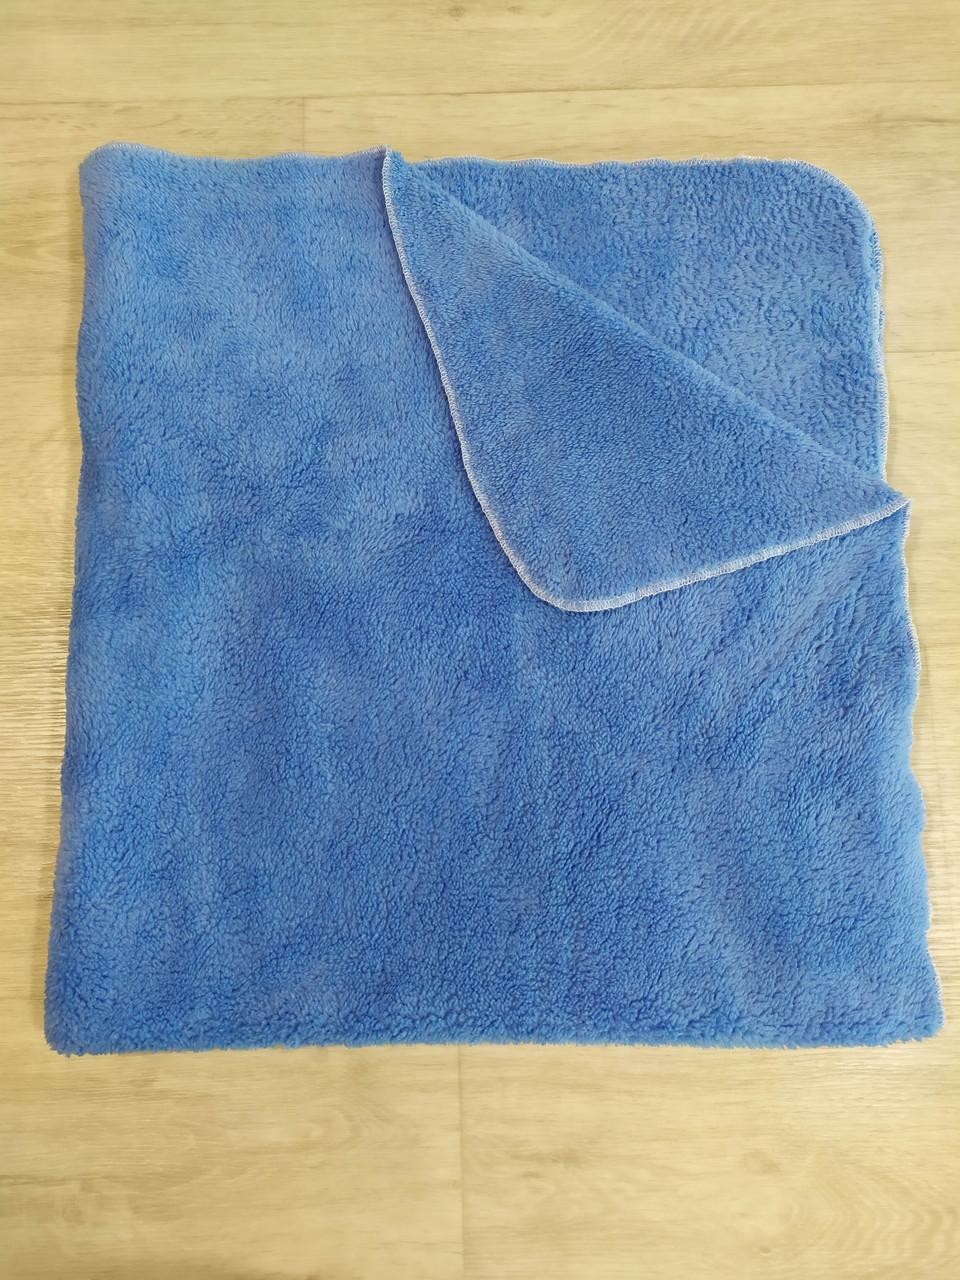 Плед двосторонній блакитний з махри Туреччина 90*90см ( в наявності блакитний, білий, коричневий, бежевий)